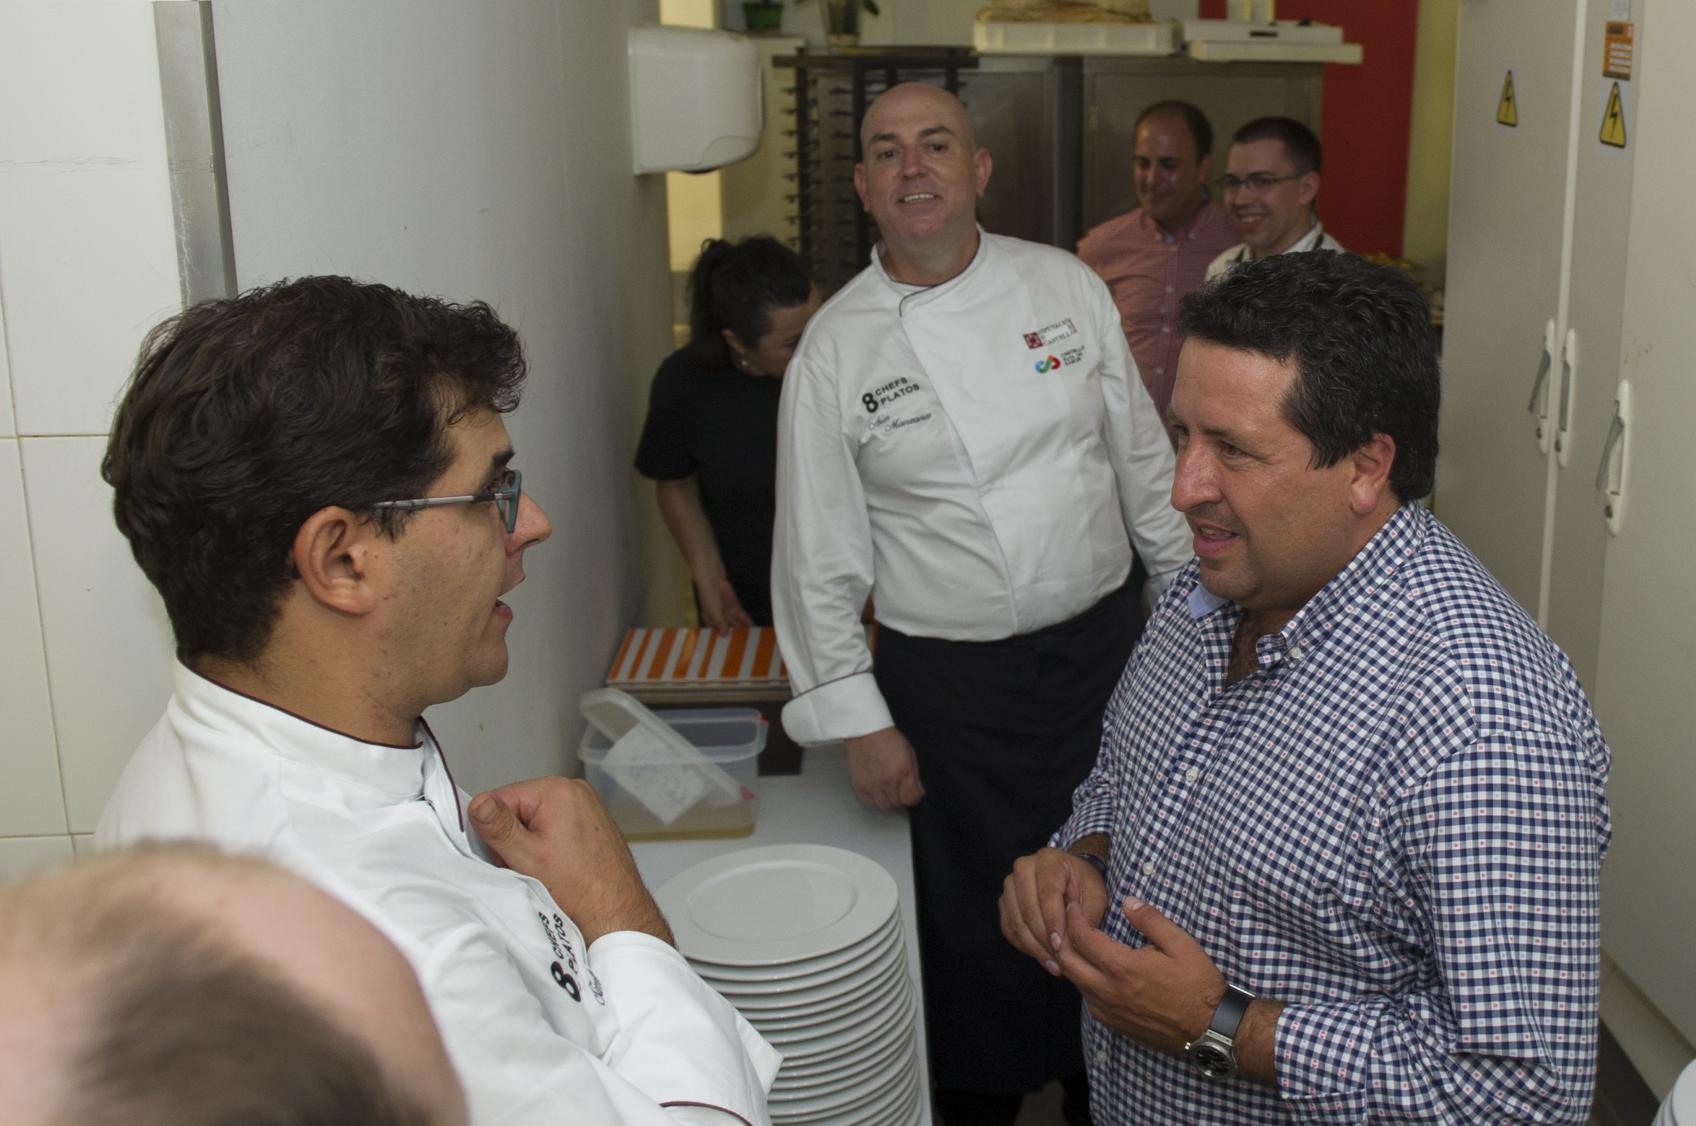 La Diputación promociona la gastronomía provincial al unir los mejores productos de Castelló Ruta de Sabor con ocho chefs castellonenses